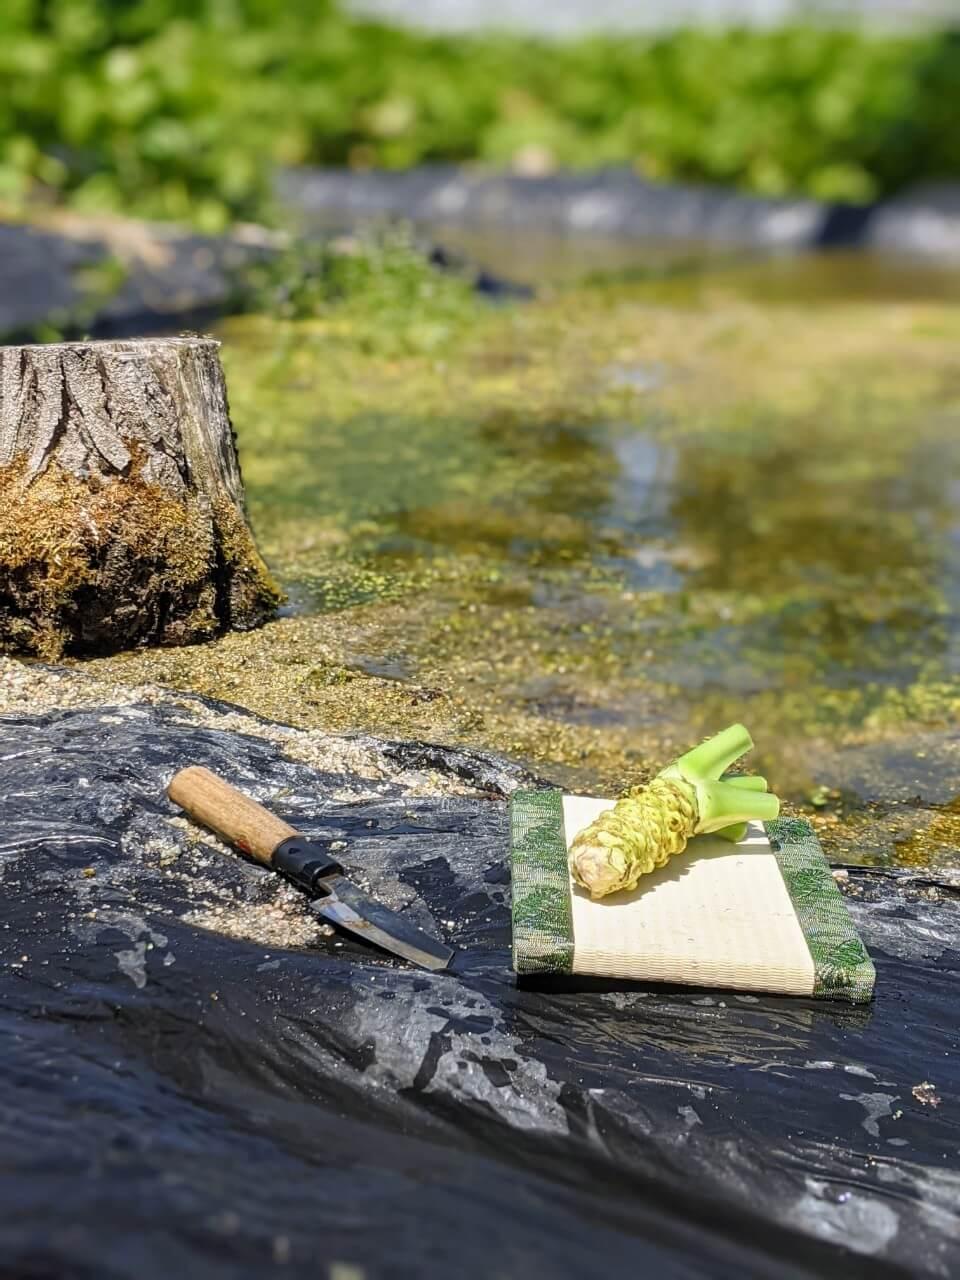 kamikochi-tour-wasabi-picking